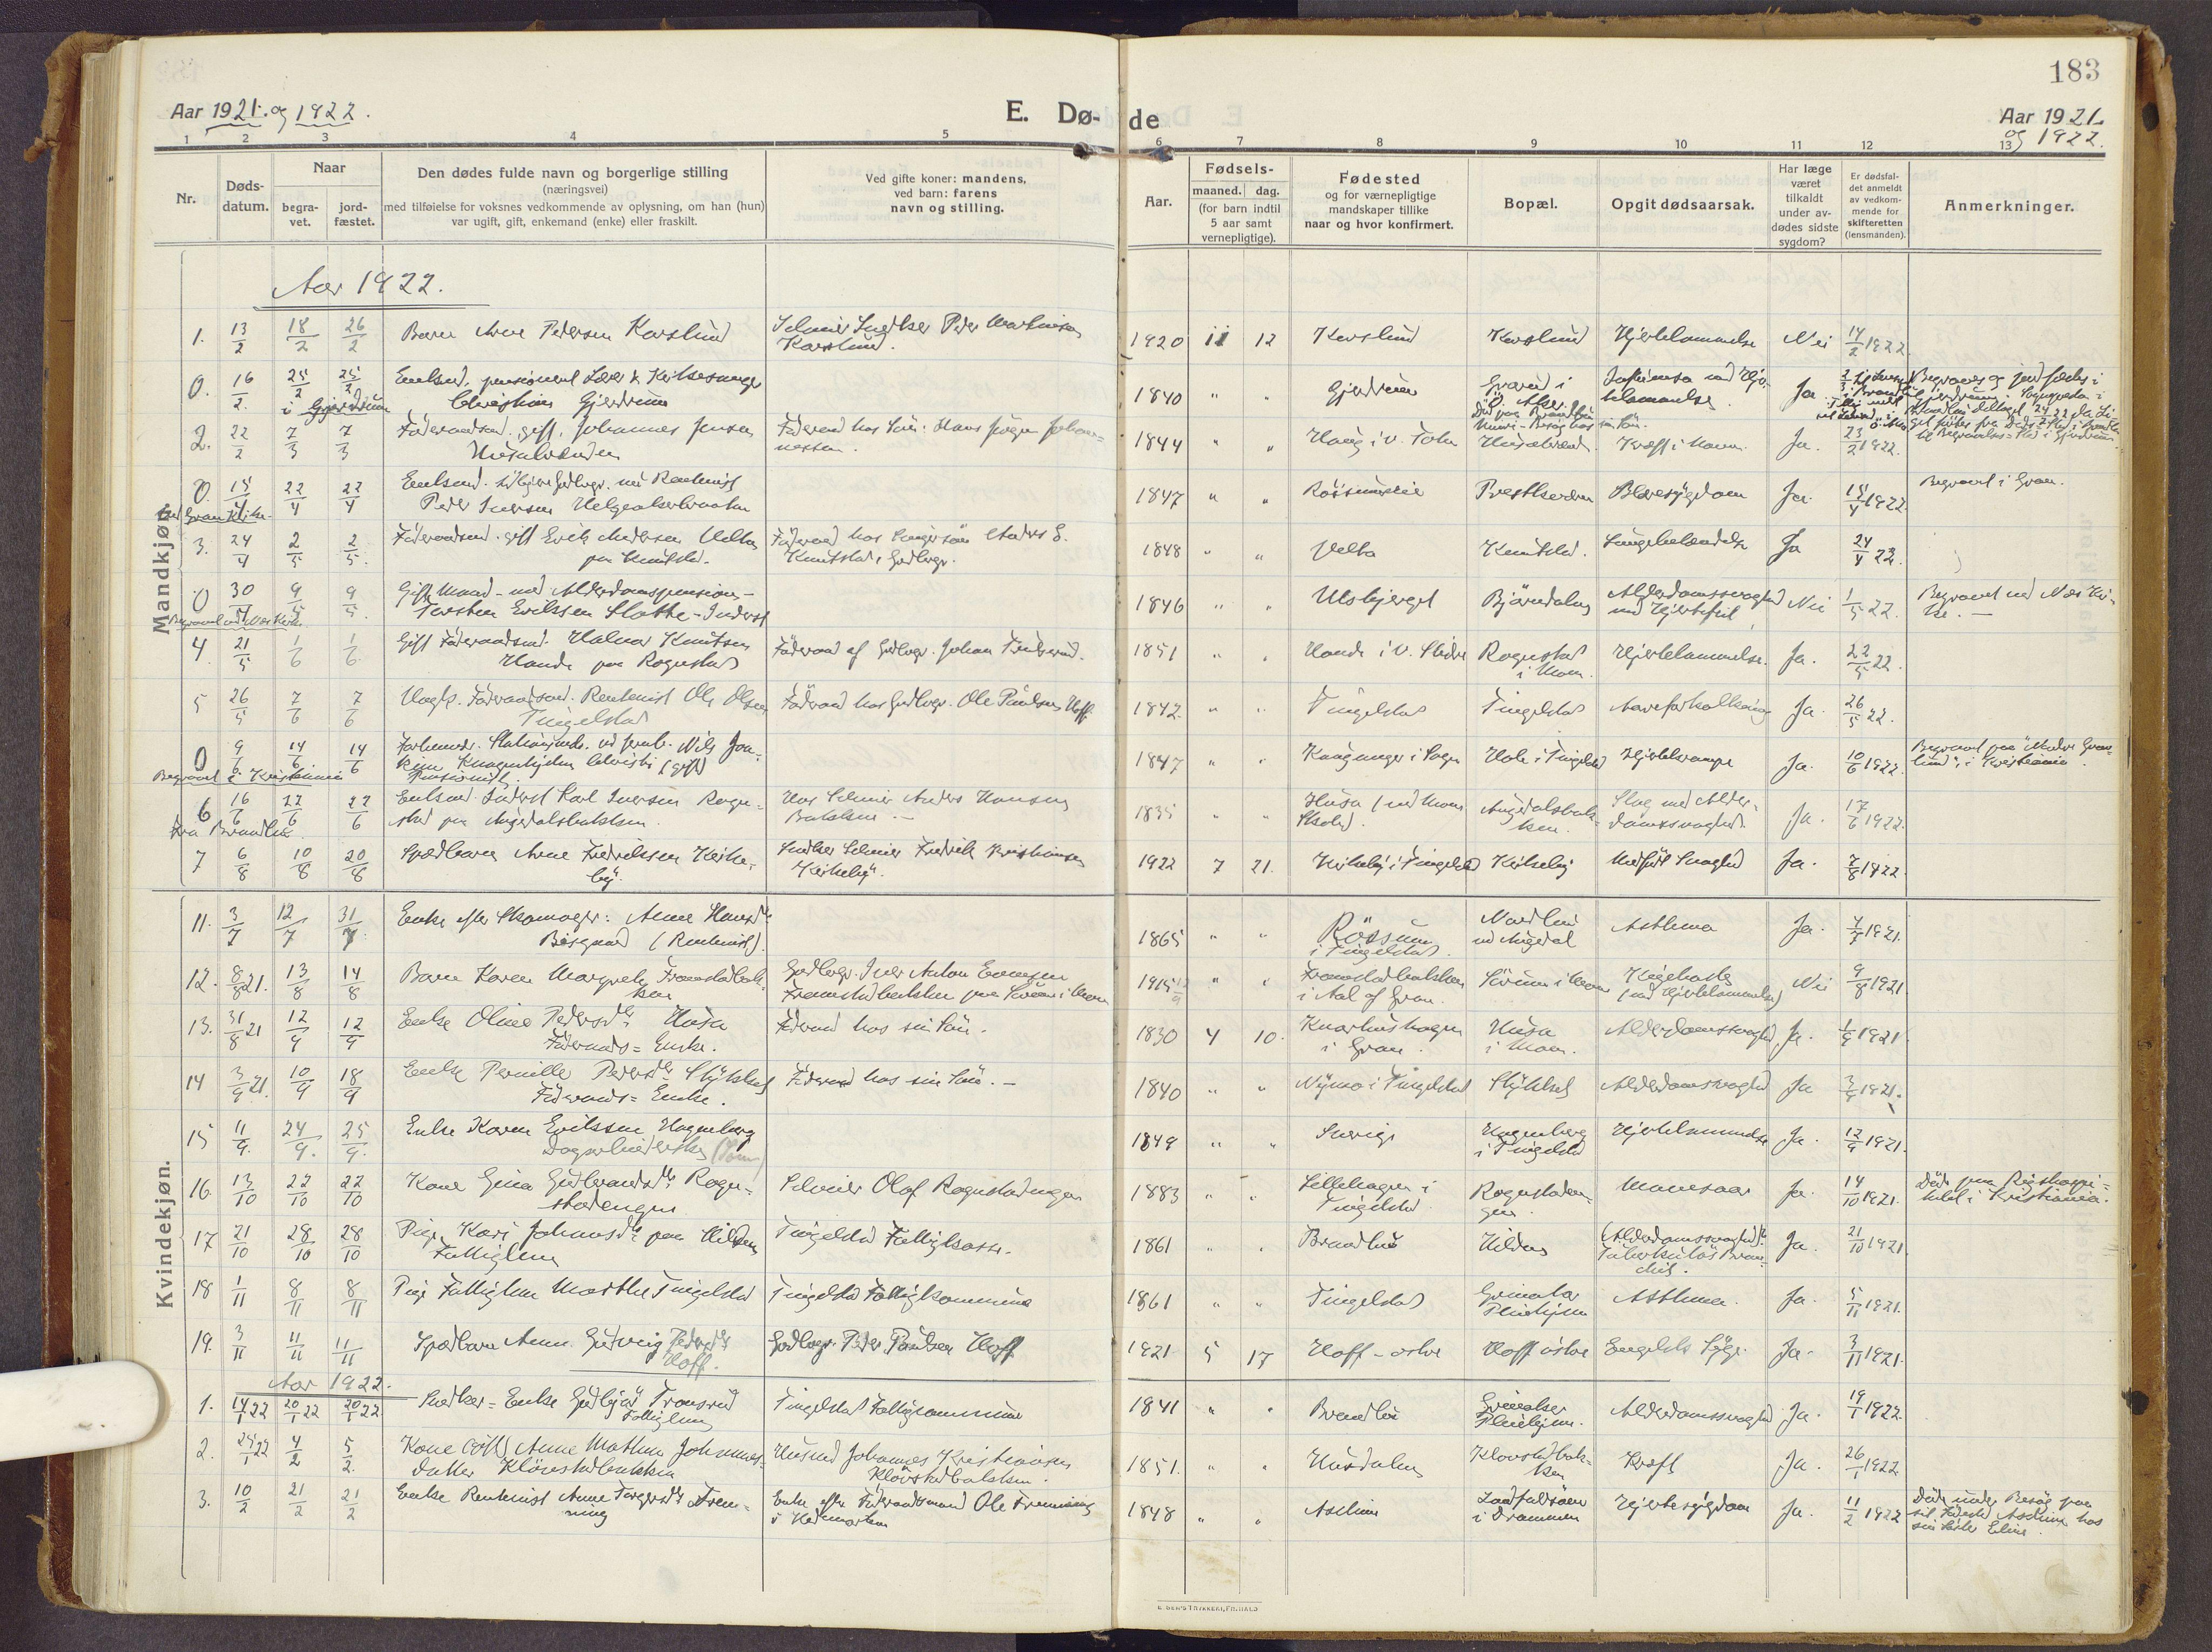 SAH, Brandbu prestekontor, Ministerialbok nr. 3, 1914-1928, s. 183